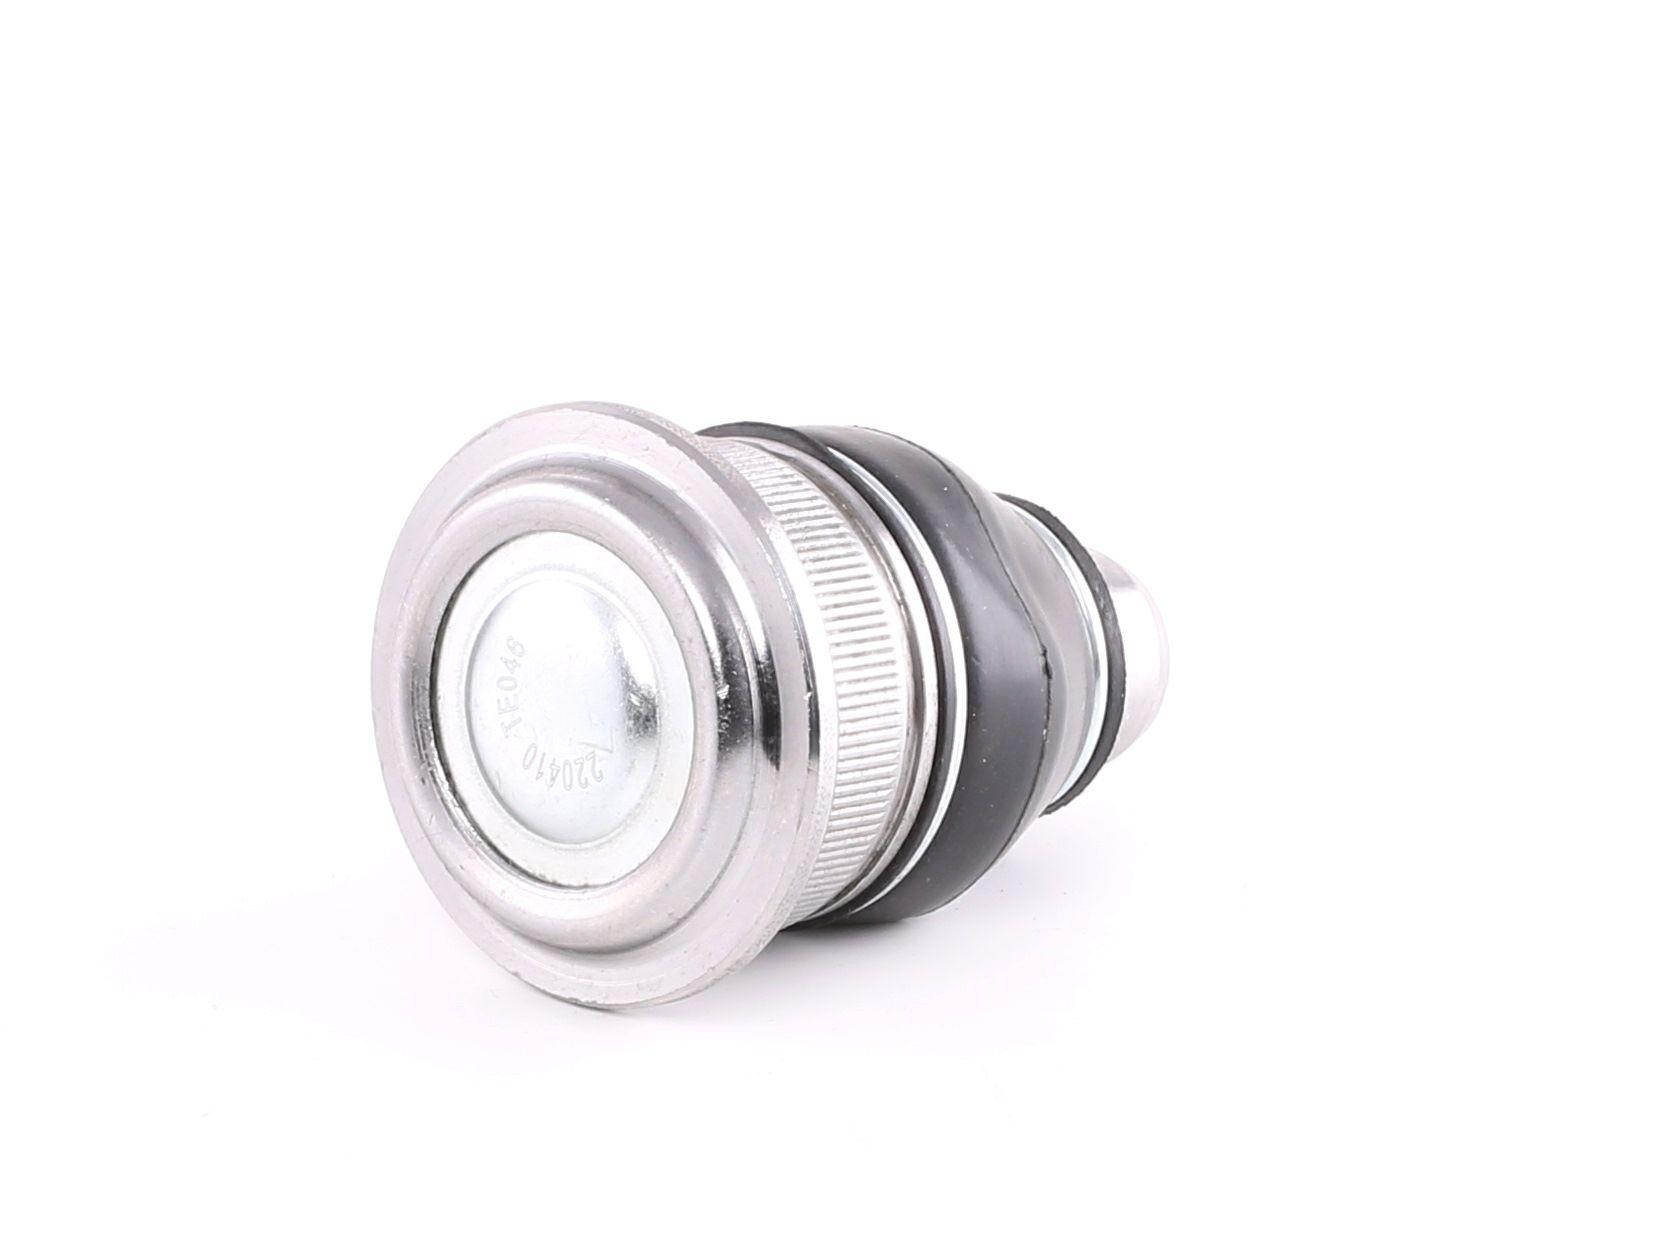 Acheter Rotule amortisseur Dimension du cône: 18mm A.B.S. 220410 à tout moment